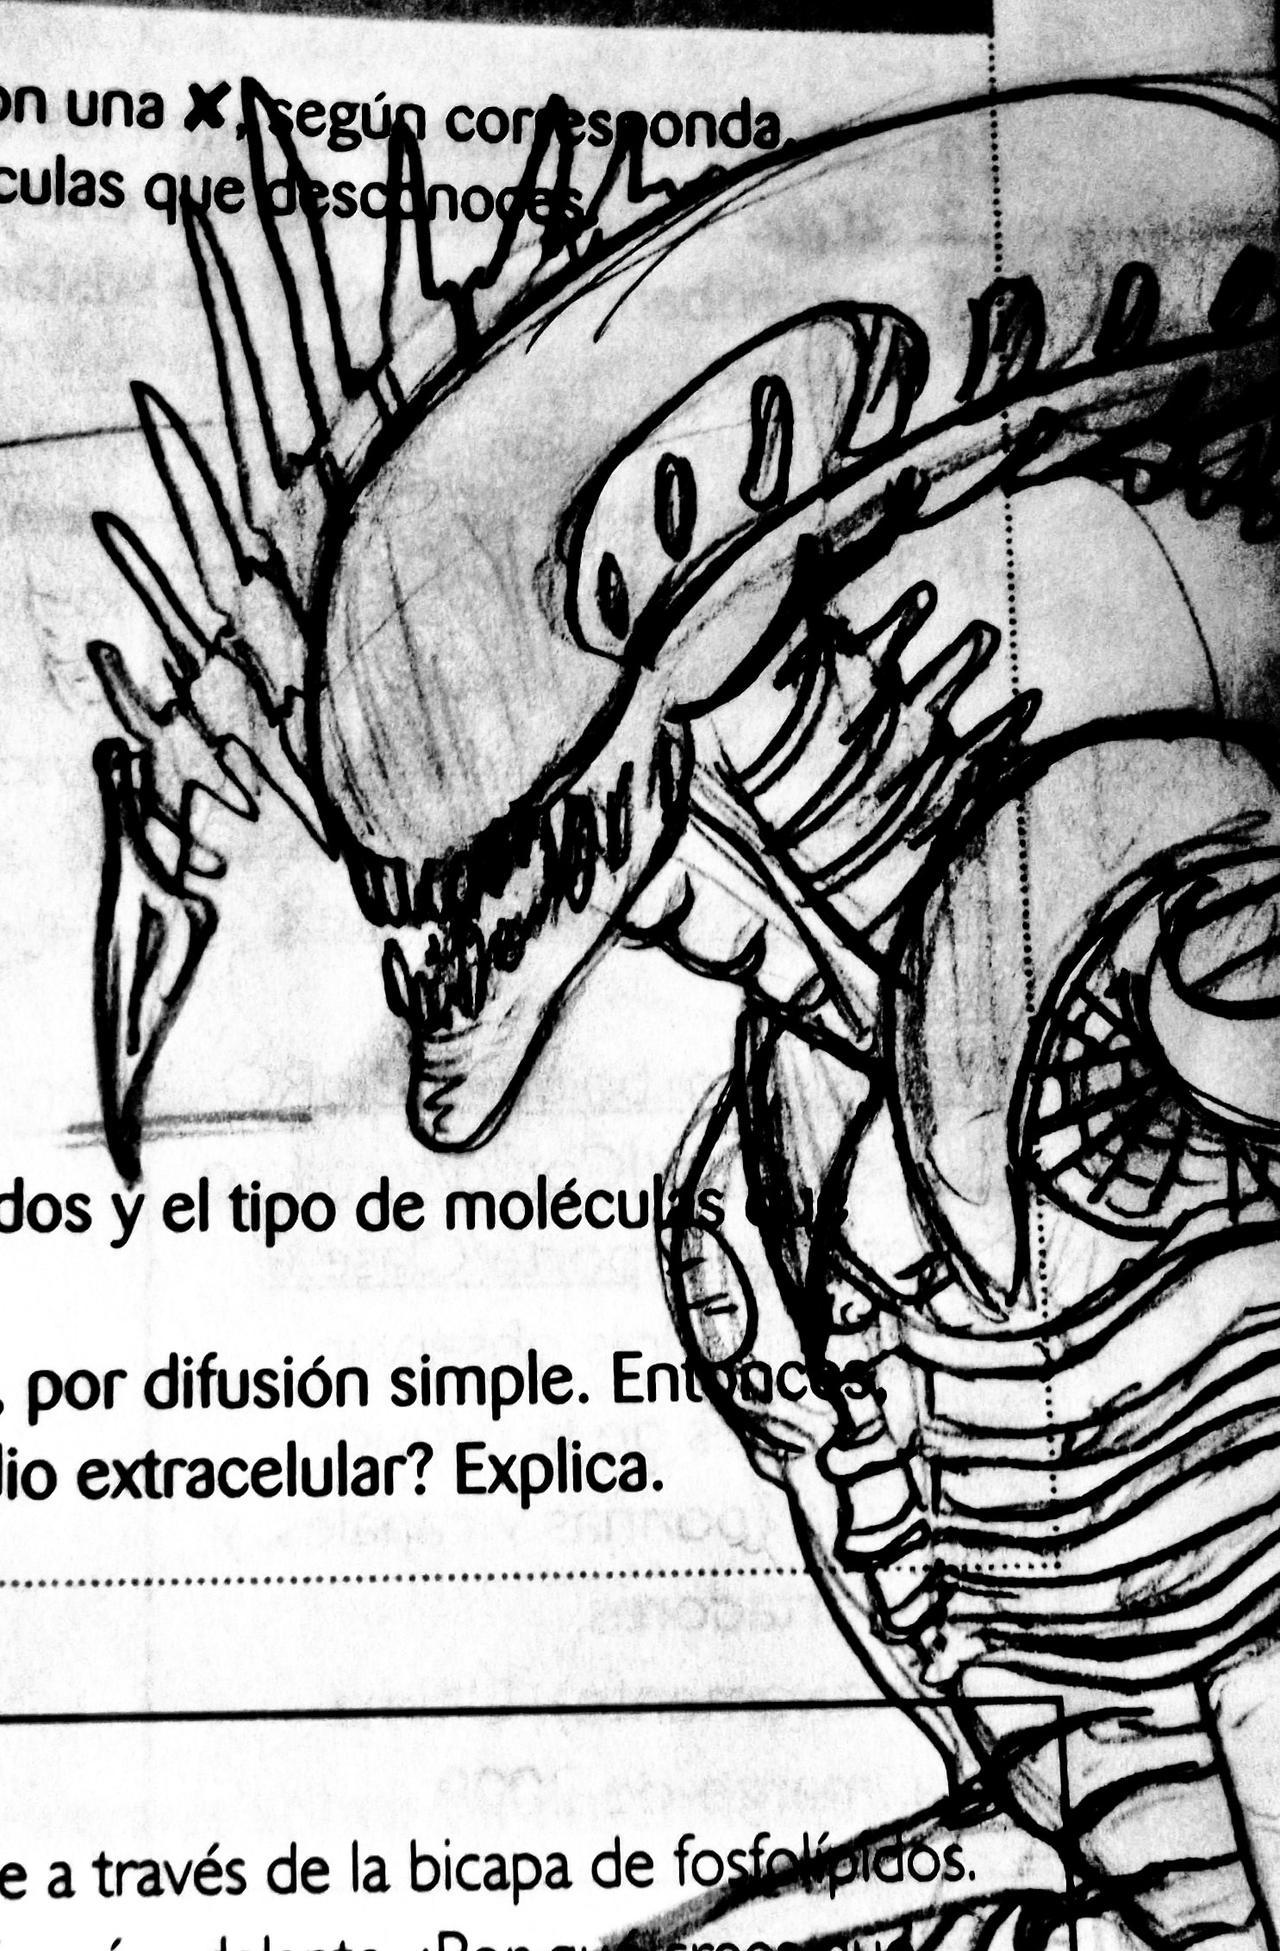 ALIEN sketch in a book by TheWallProducciones